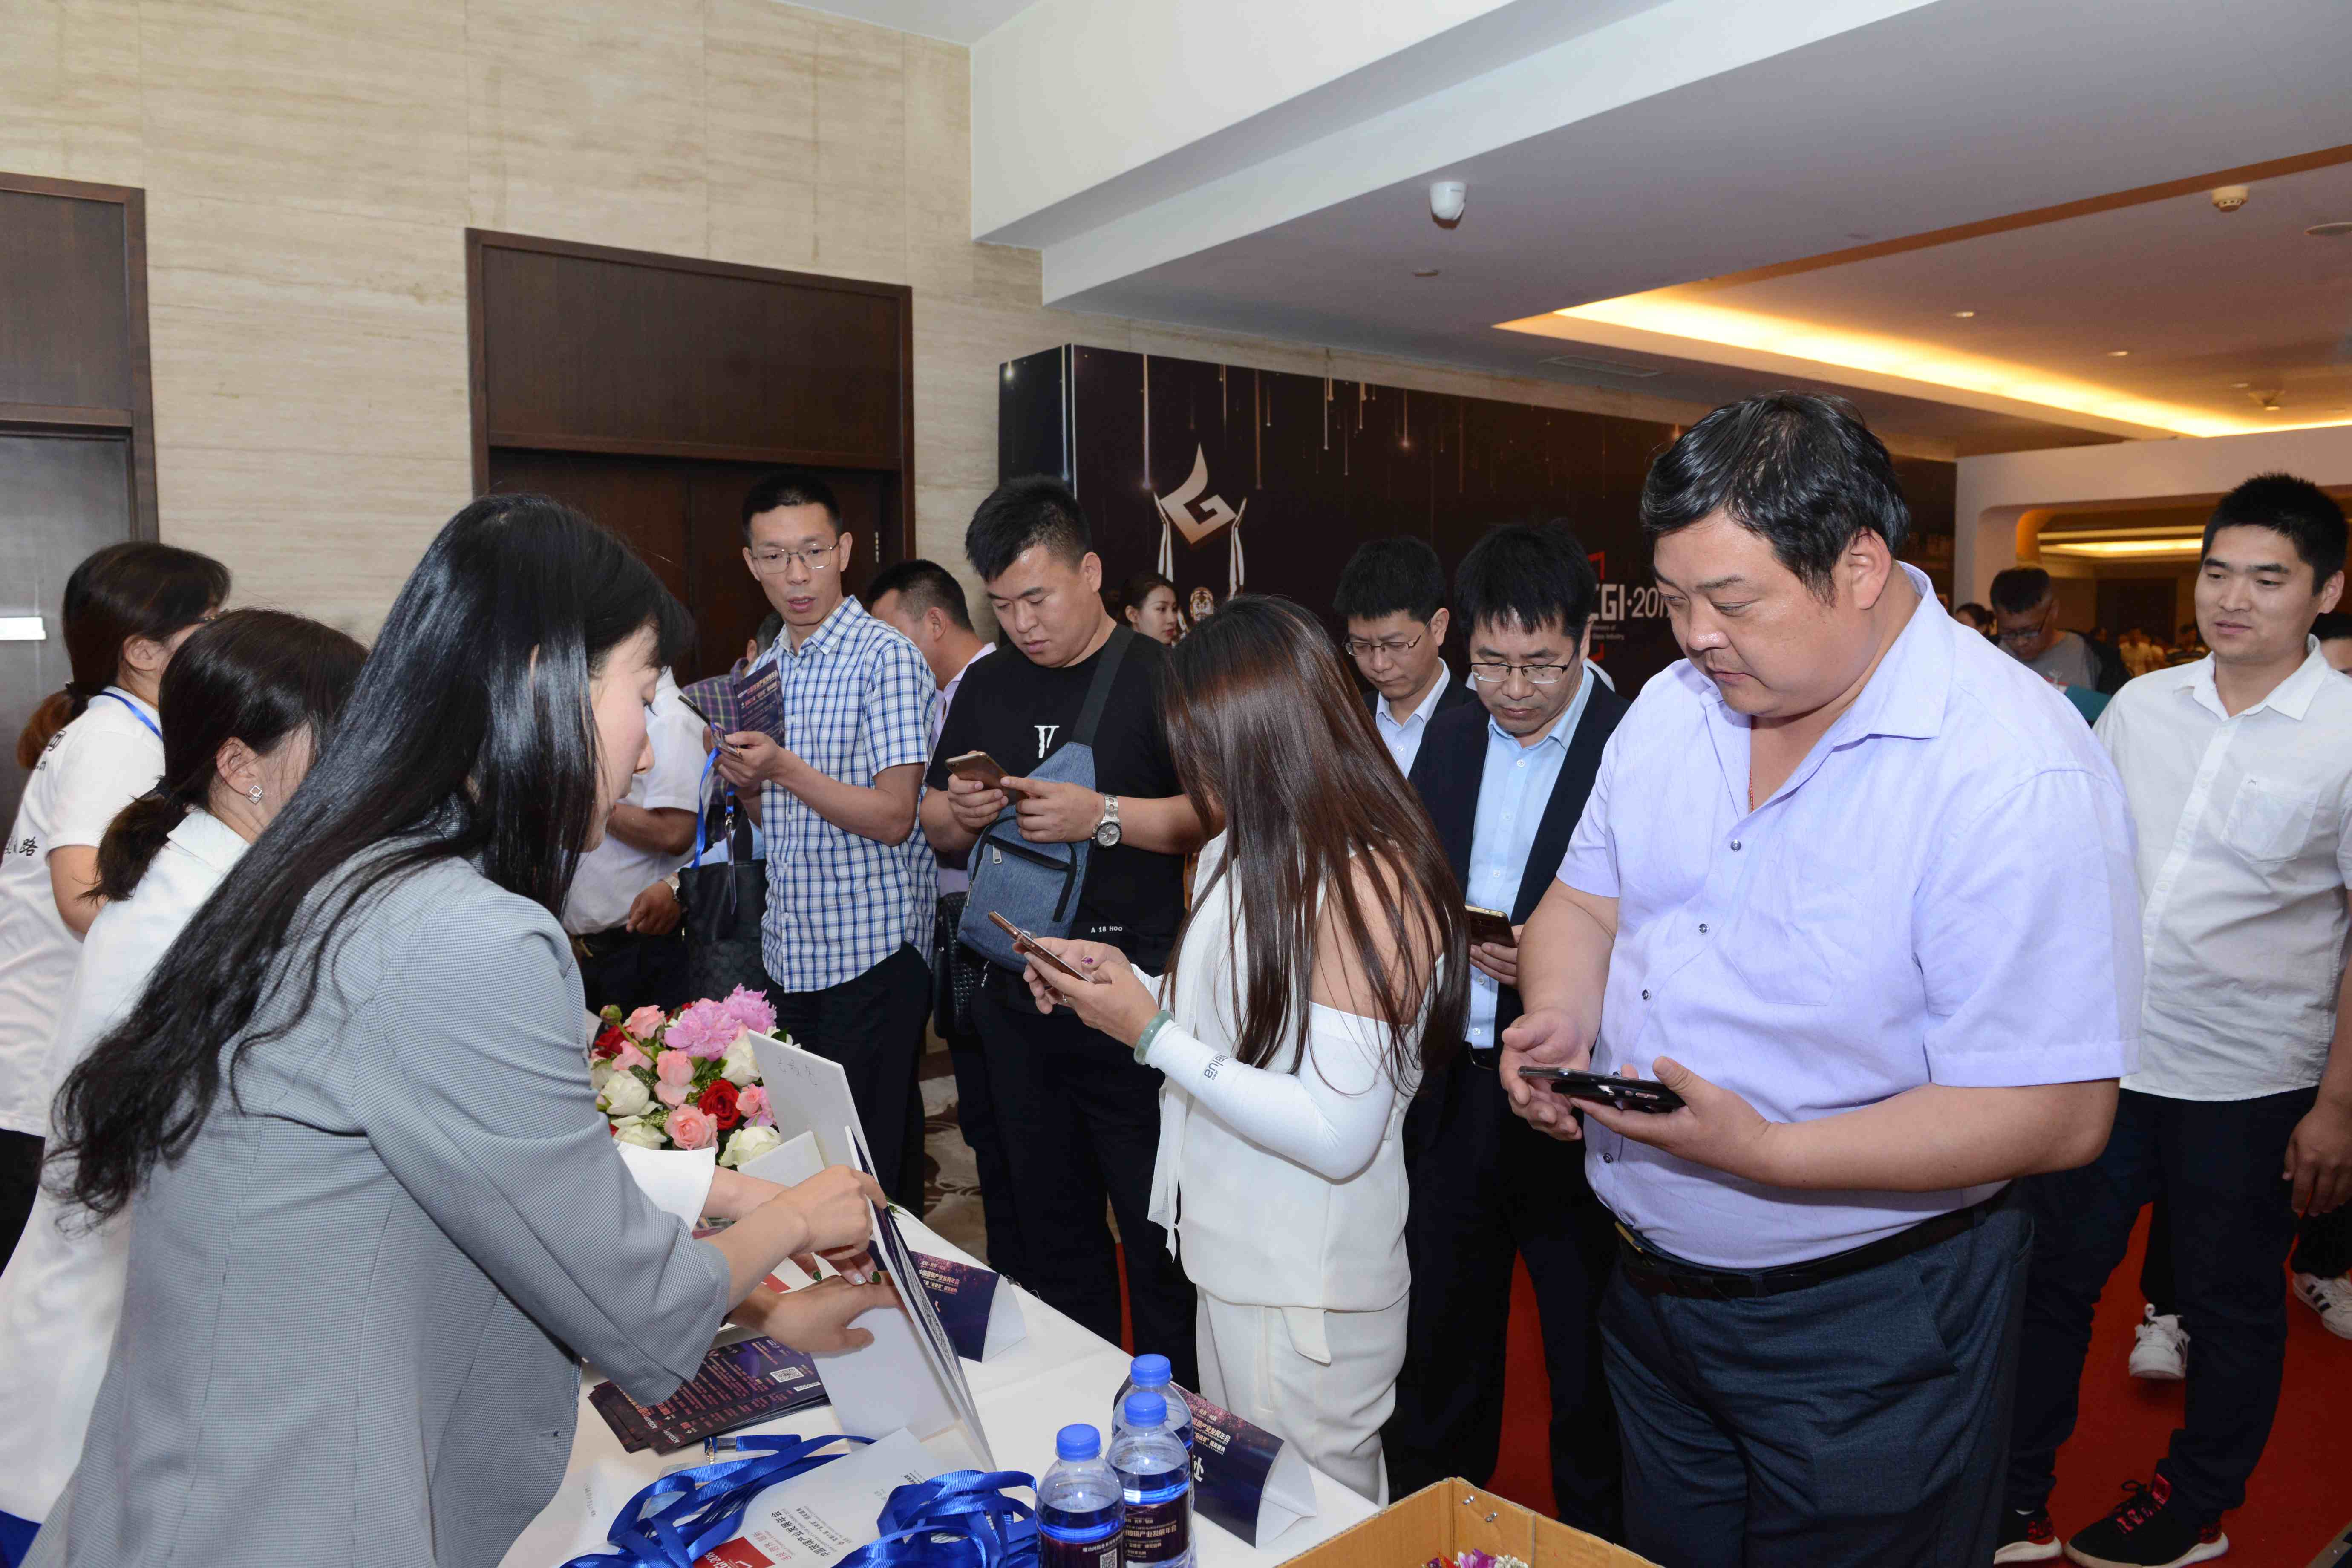 中国玻璃产业发展年会文图-中国玻璃产业发展年会文图-嘉宾签到2